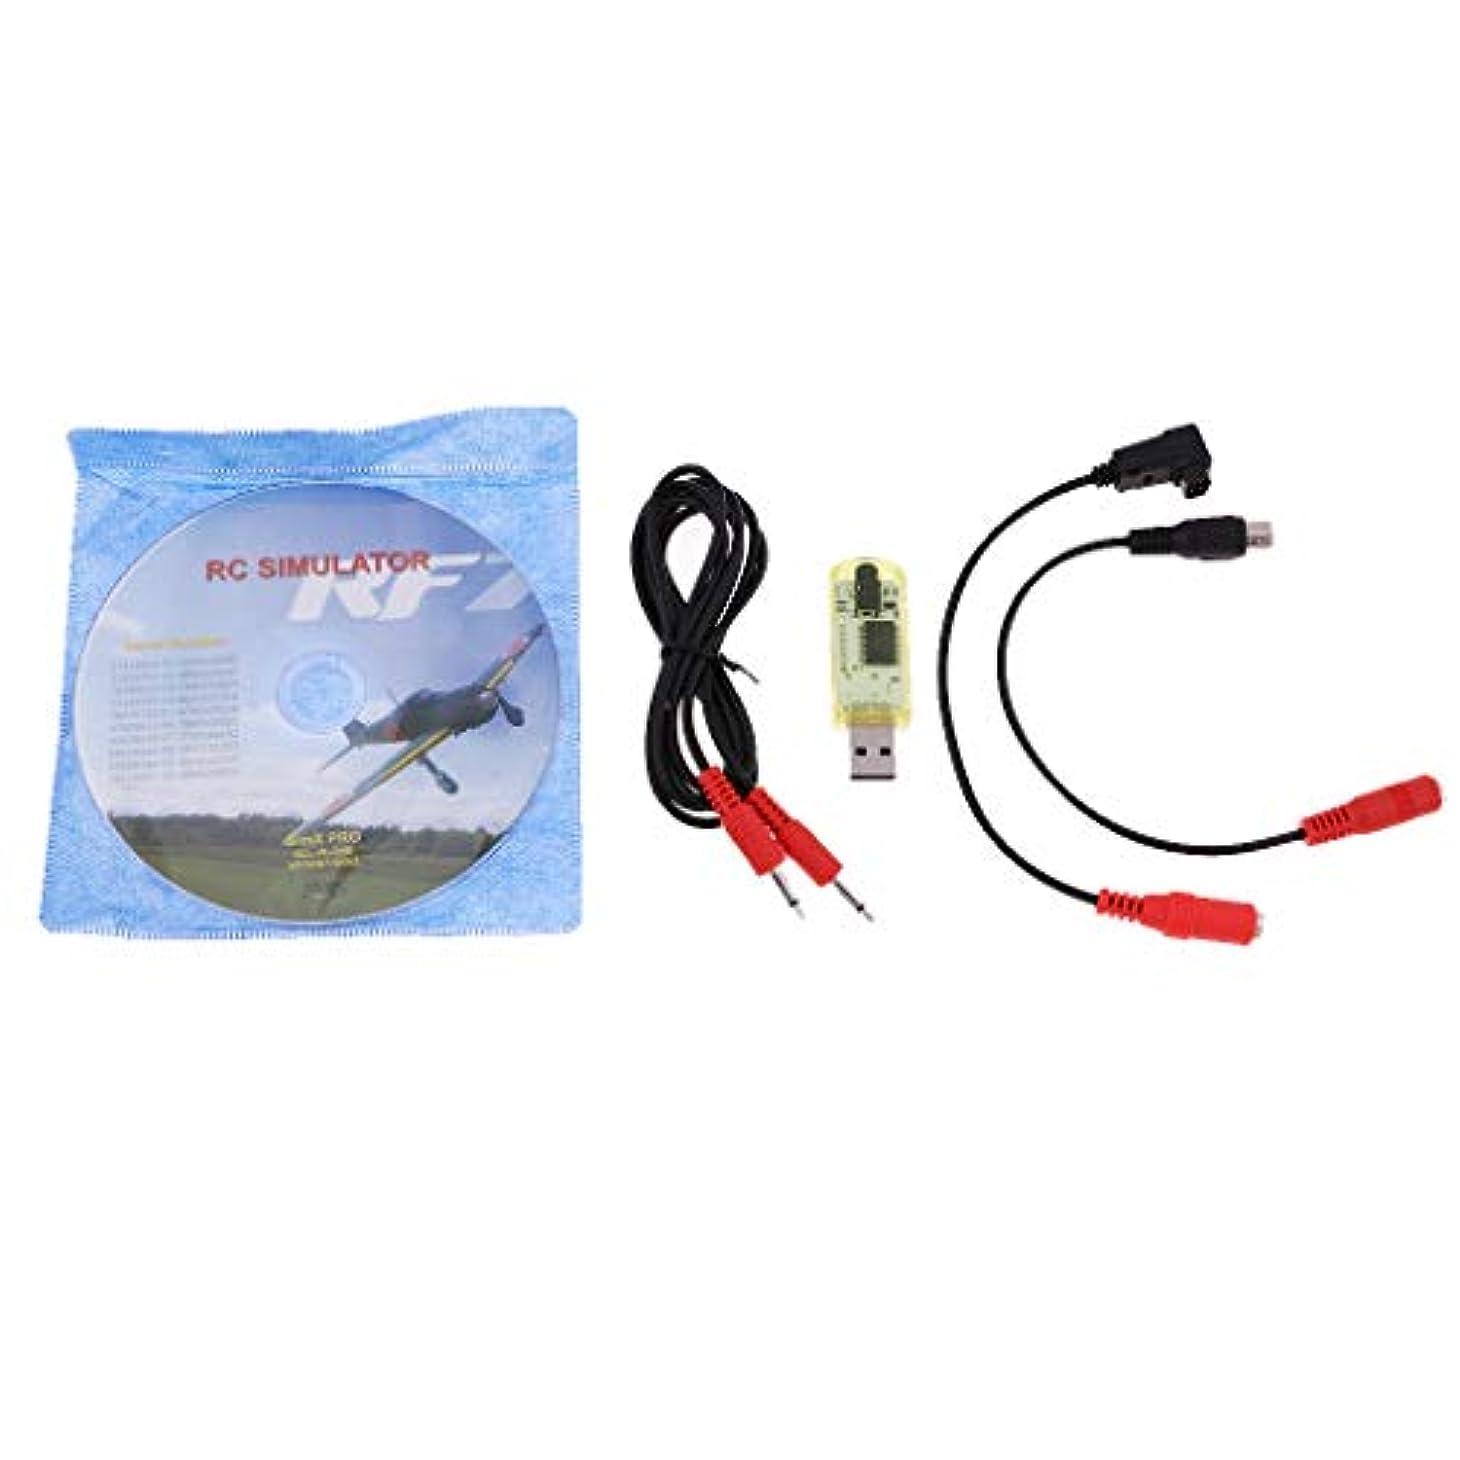 ボール格納水分KESOTO RCクワッドコーンドローン用 フライト シミュレータ USB アダプタ ケーブル